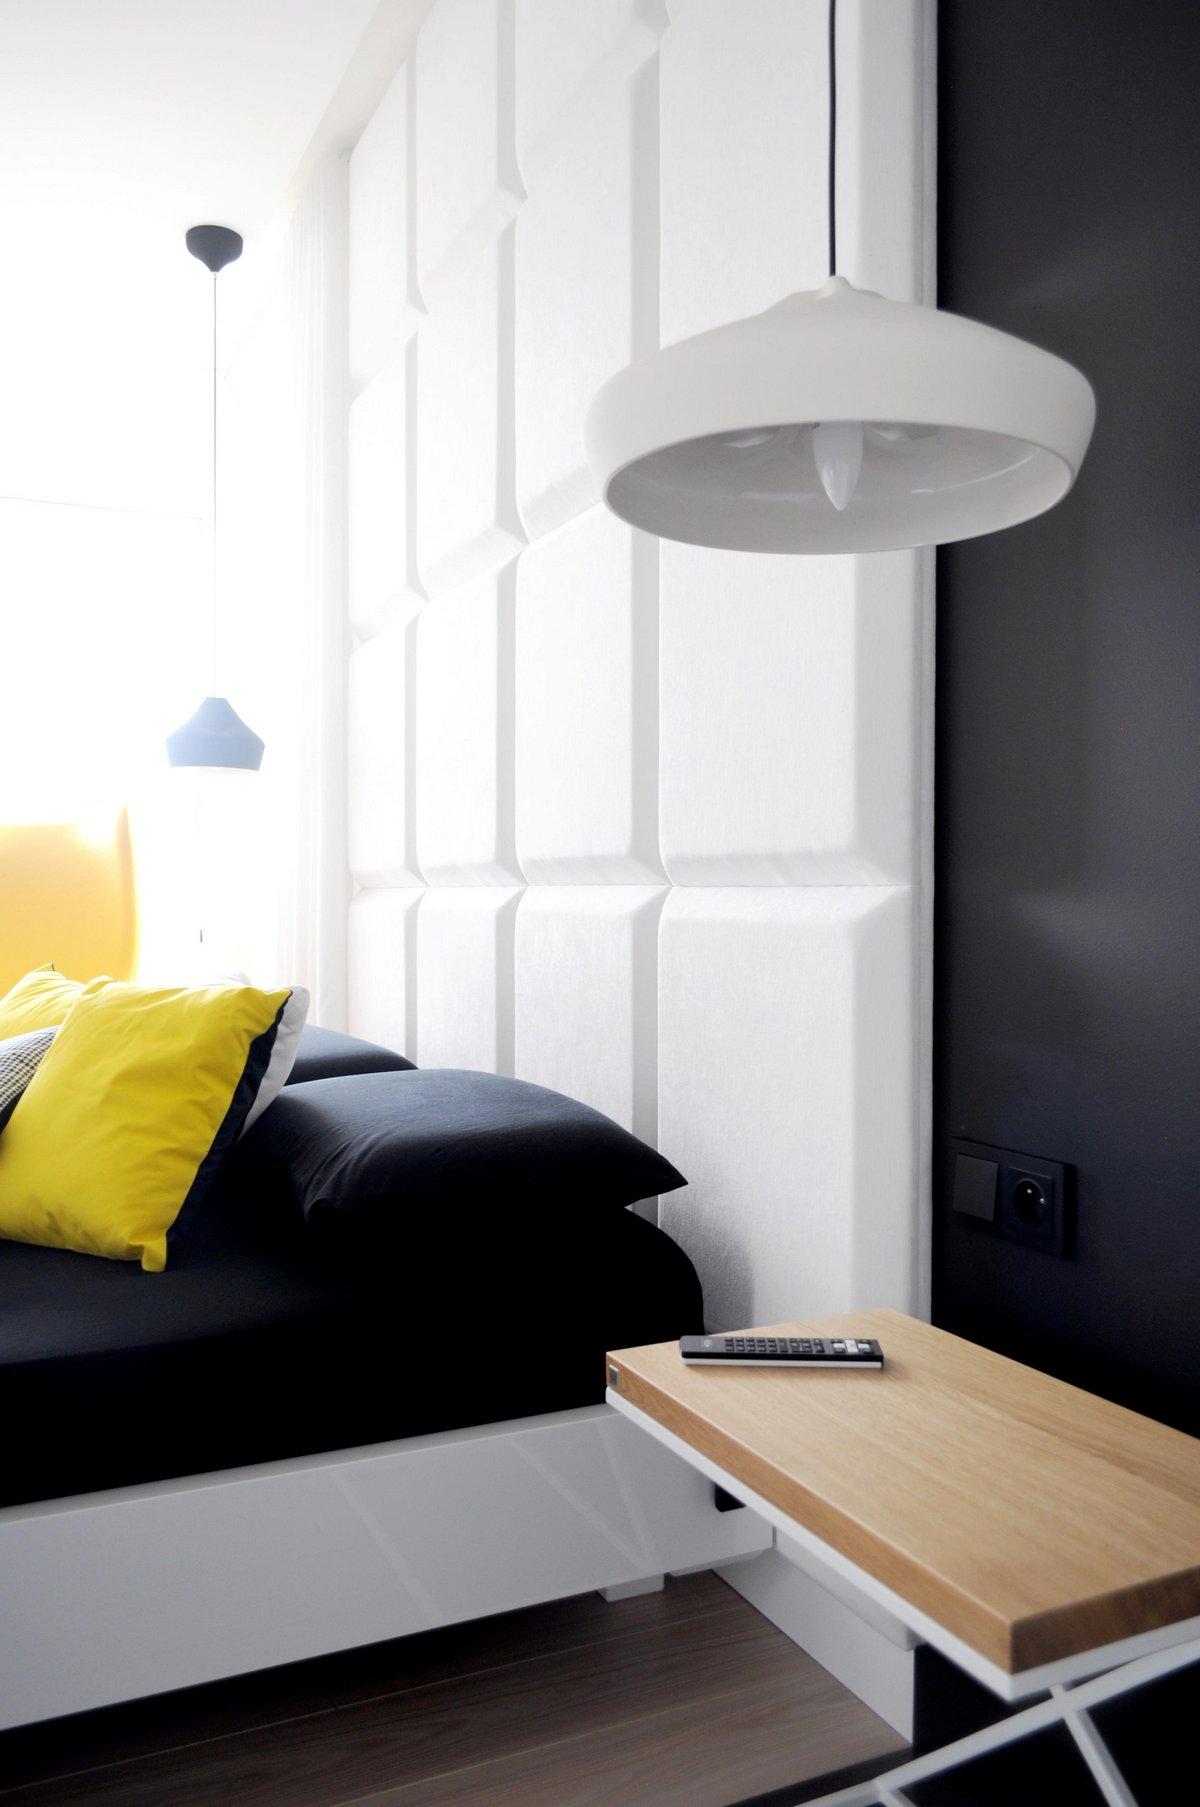 WIDAWSCY STUDIO ARCHITEKTURY, черно-белый интерьер фото, белый интерьер квартиры, контрастный интерьер, черно белая квартира фото